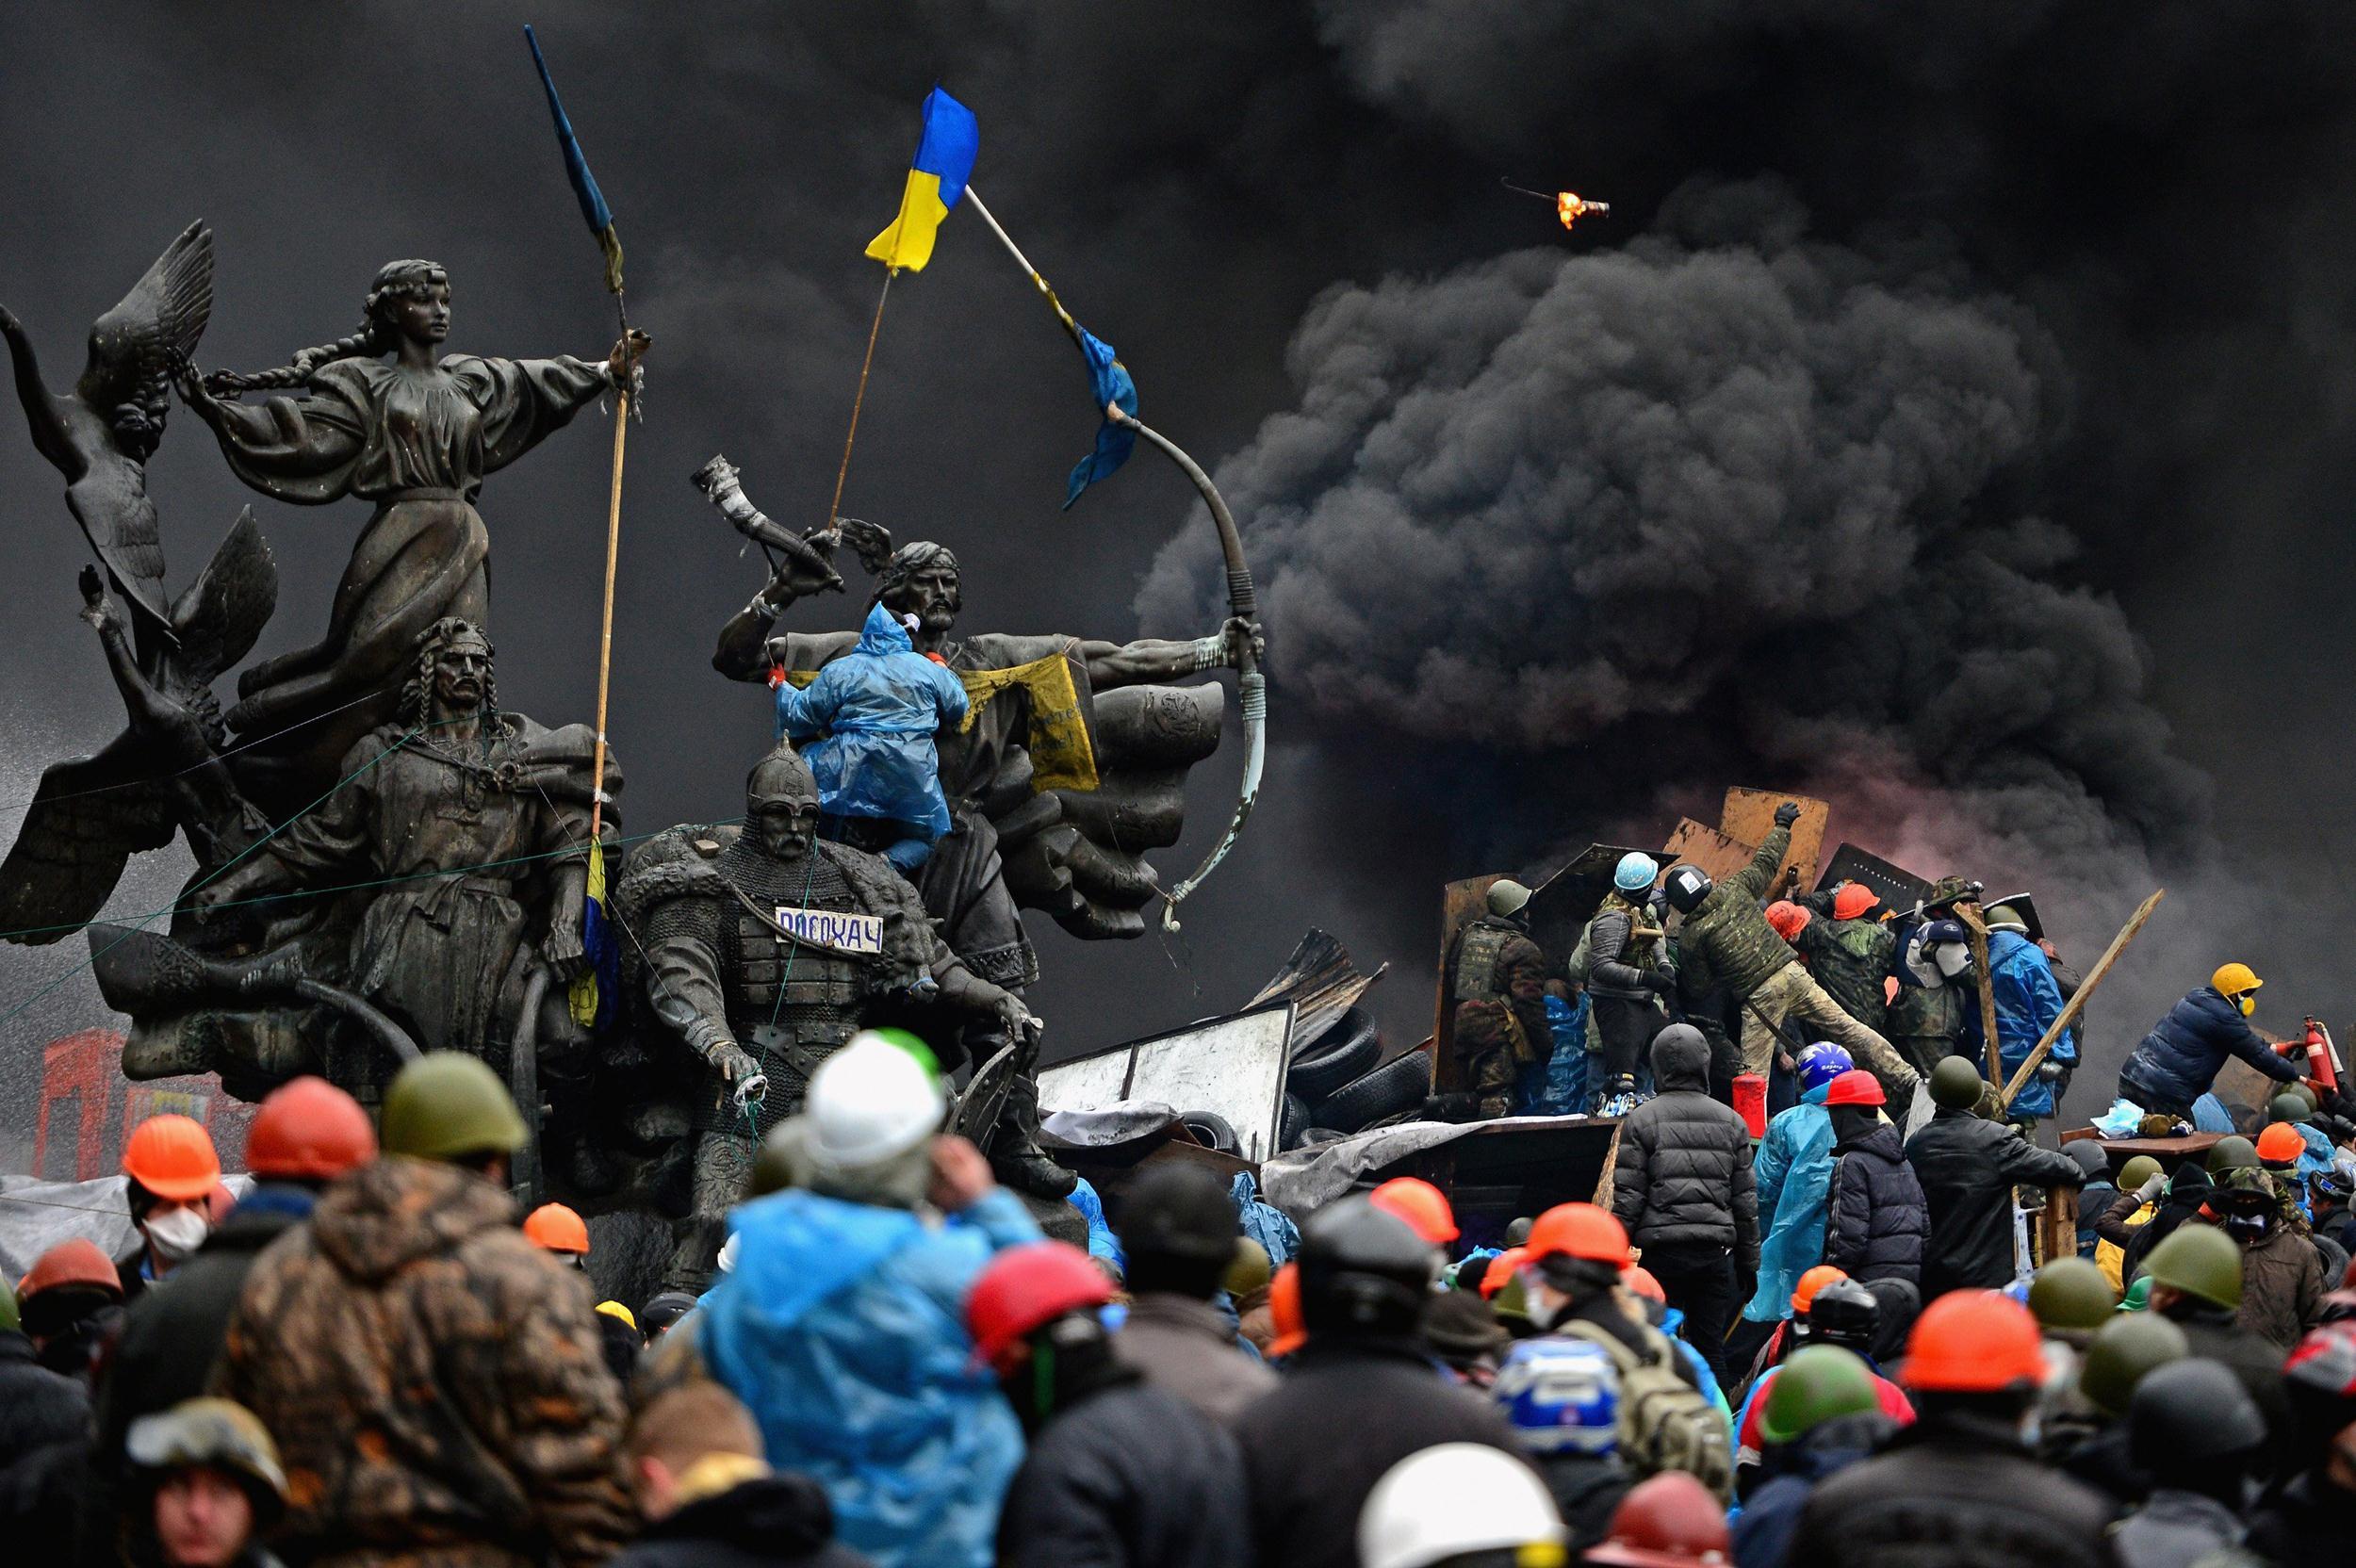 бандиты украина